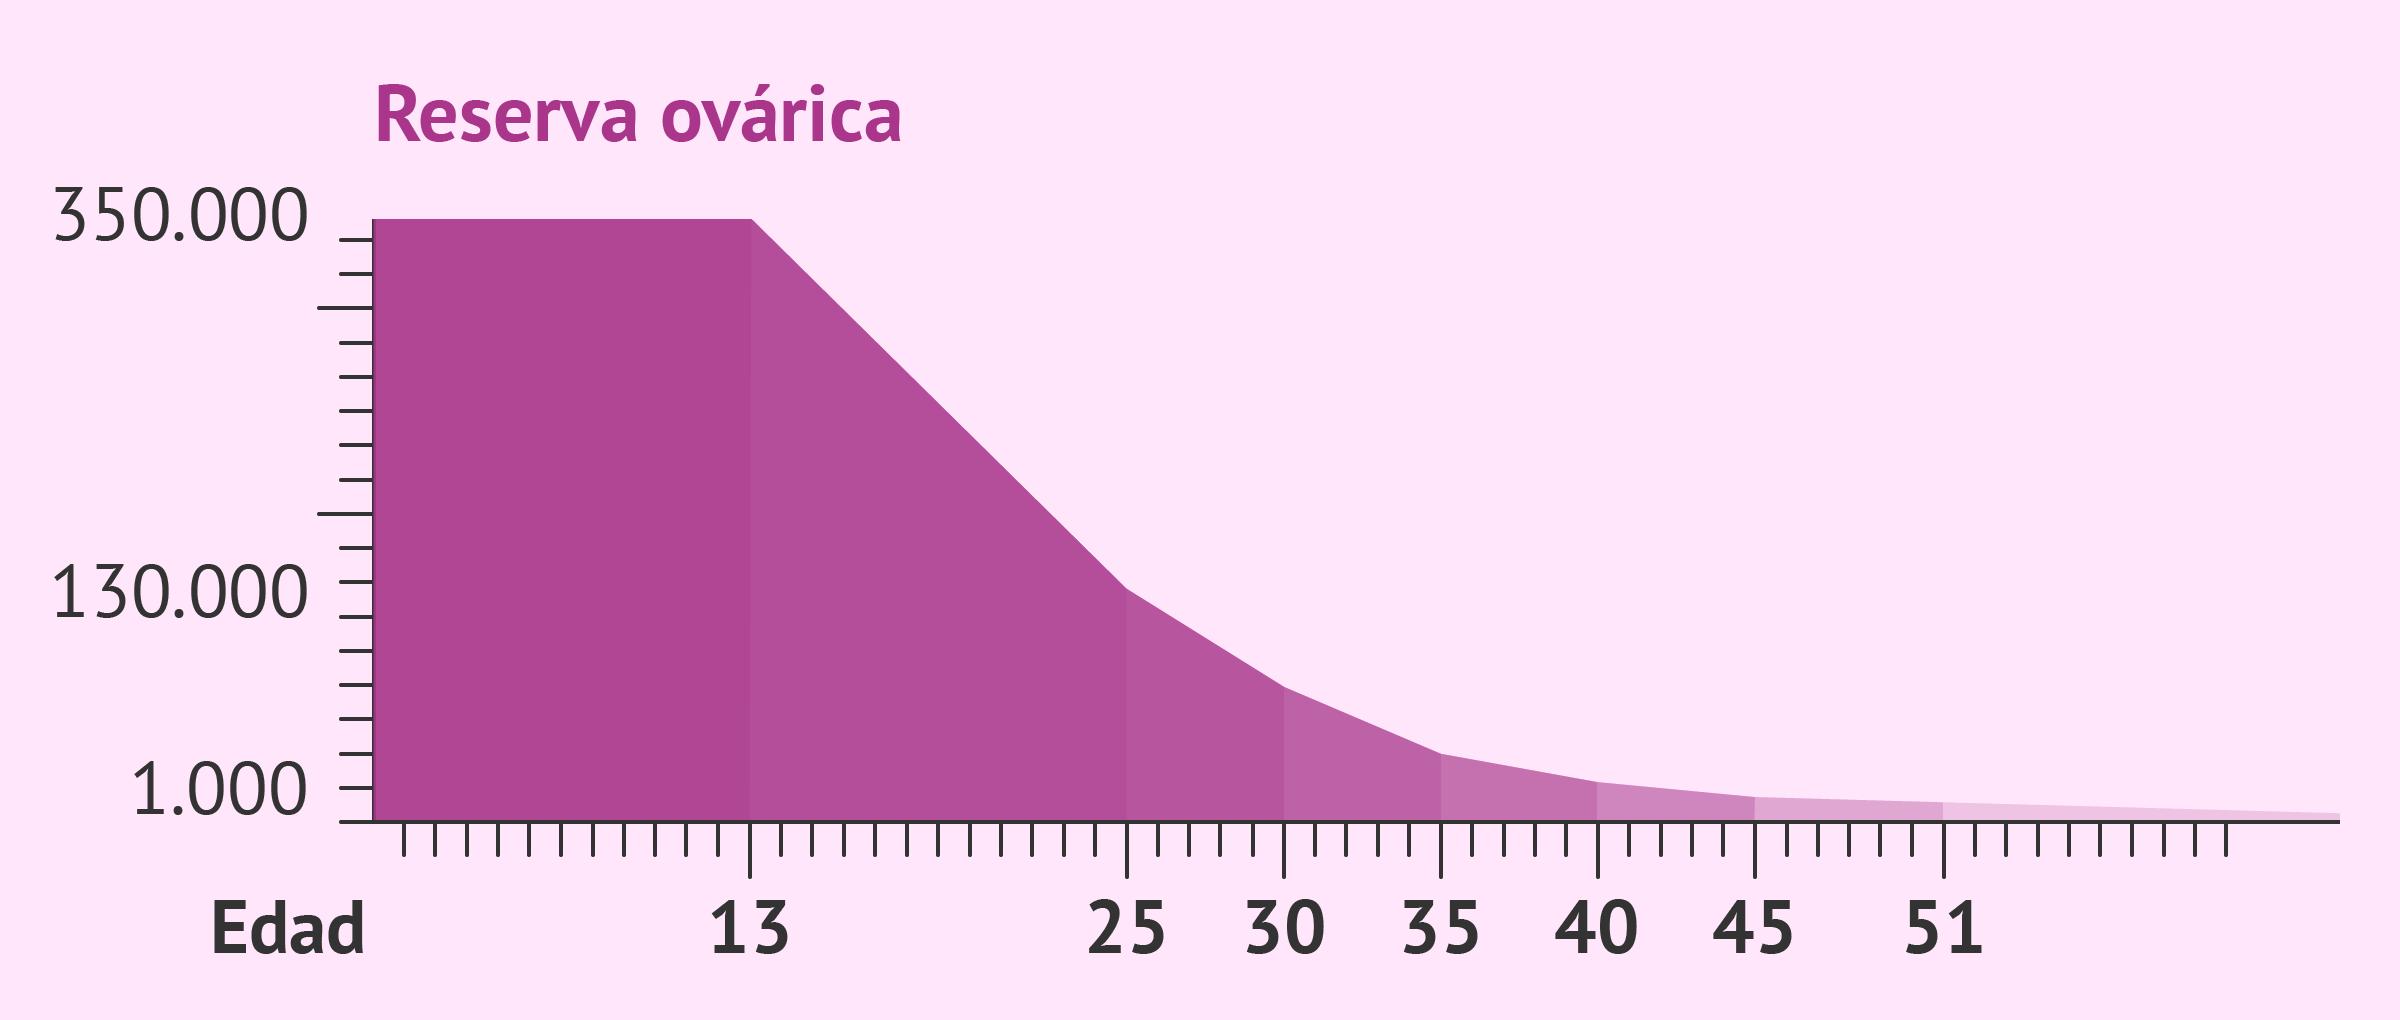 Evolución de la reserva ovárica con la edad